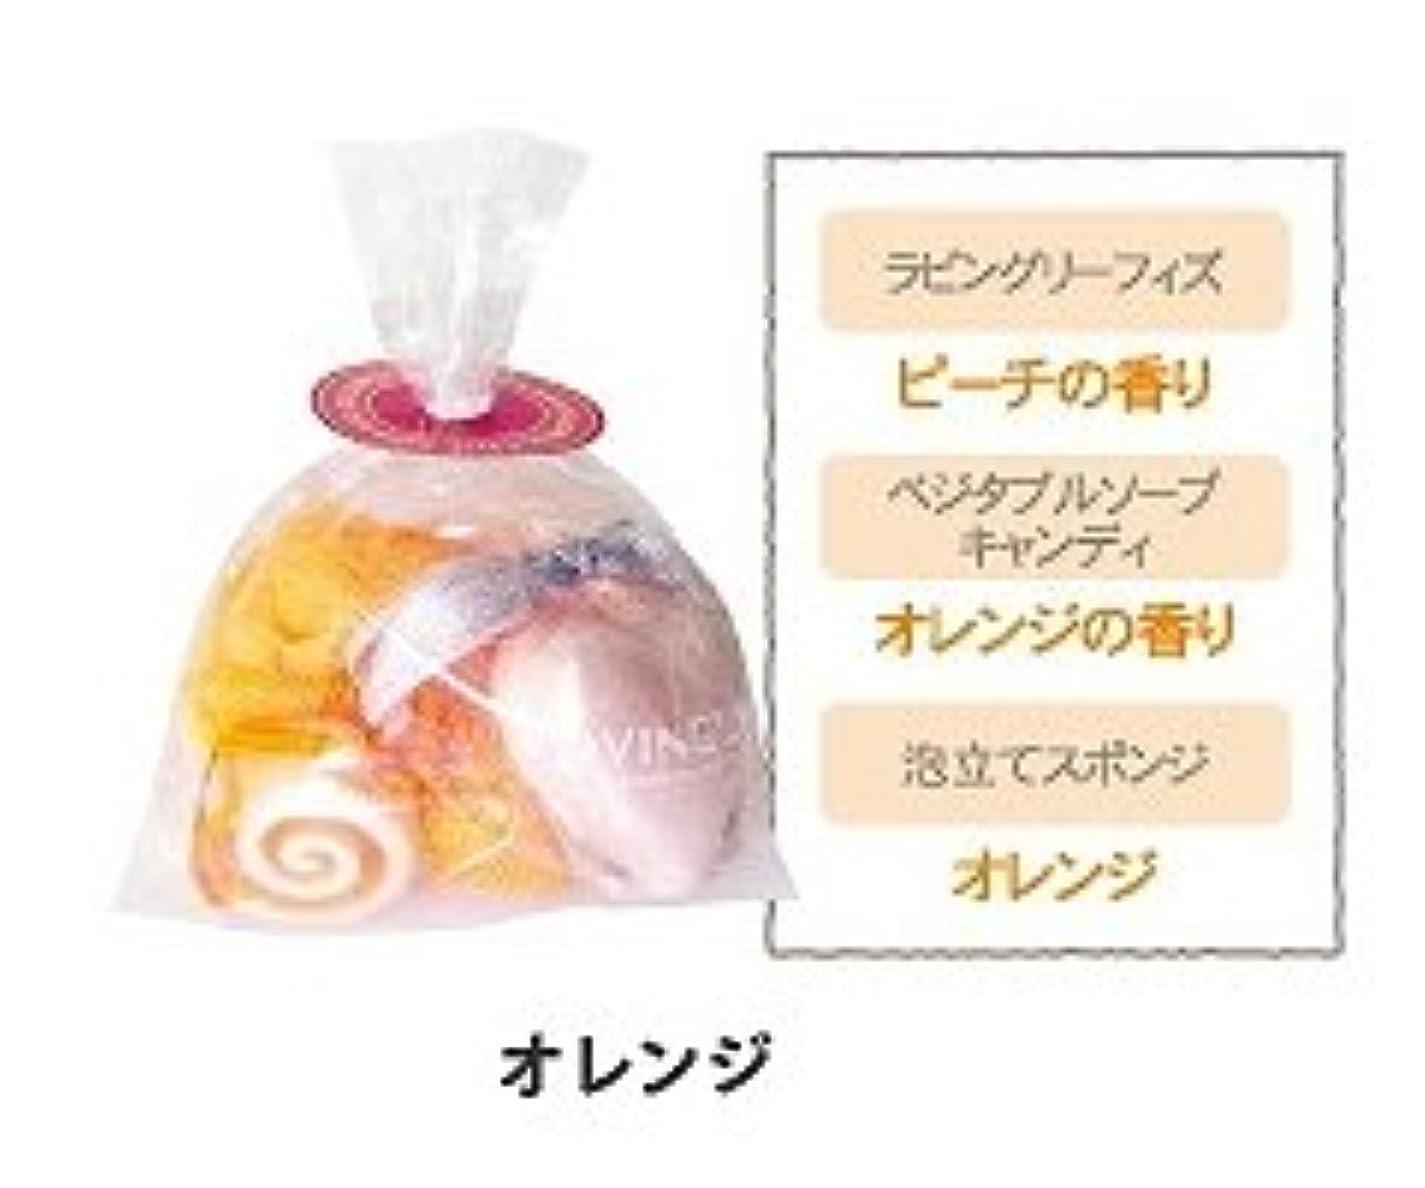 ピックヒロイック置き場カラフルキャンディ バスバッグ オレンジ 12個セット